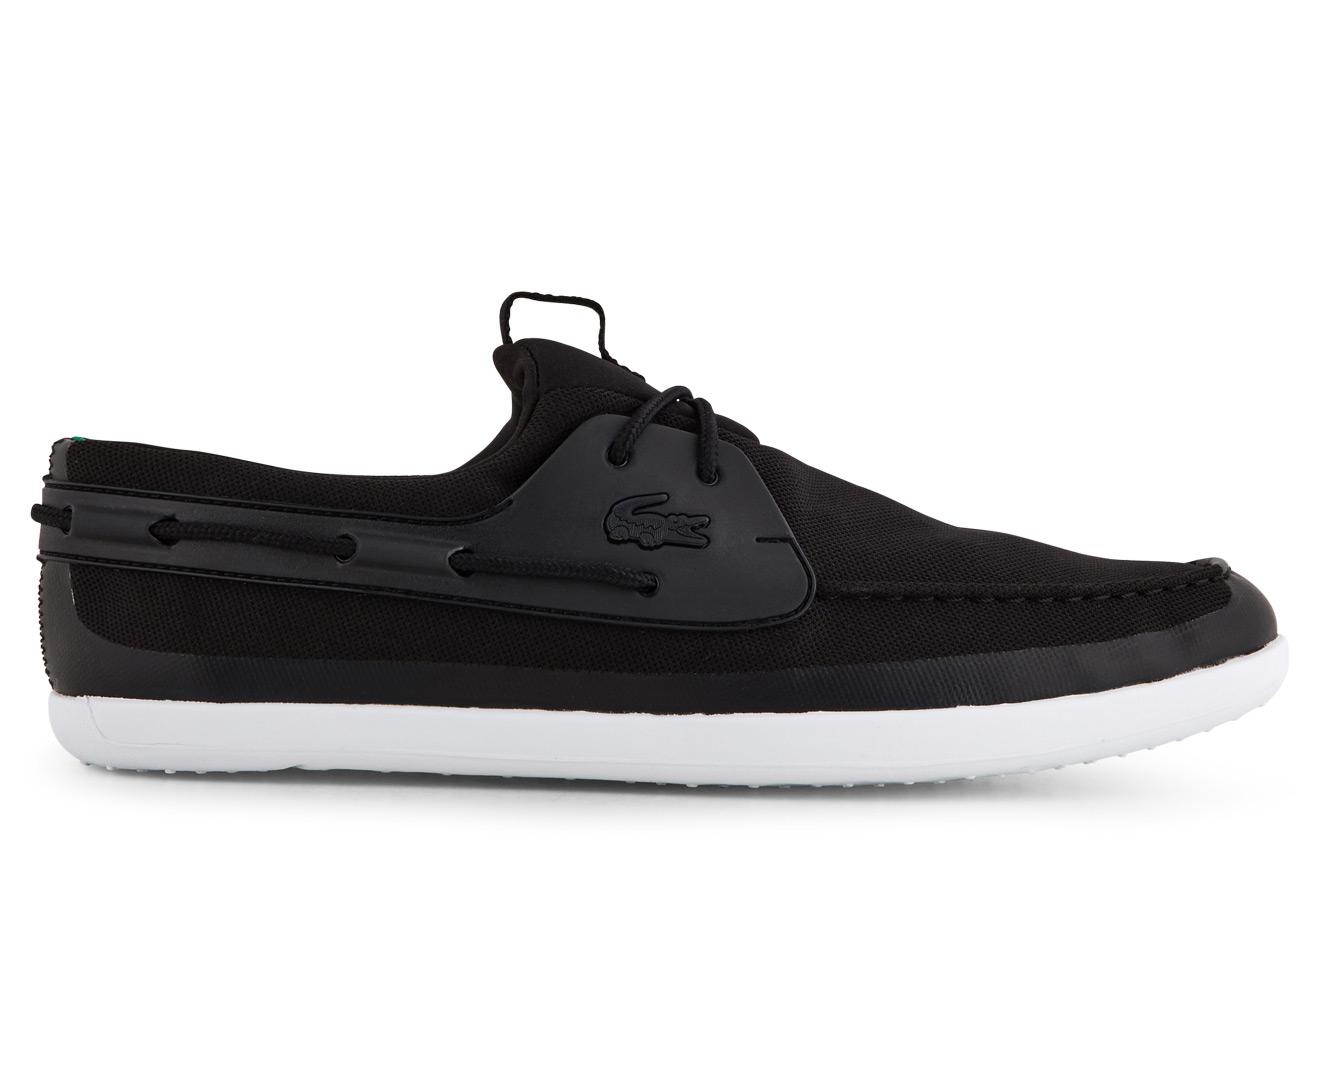 Lacoste Men S L Andsailing Boat Shoe